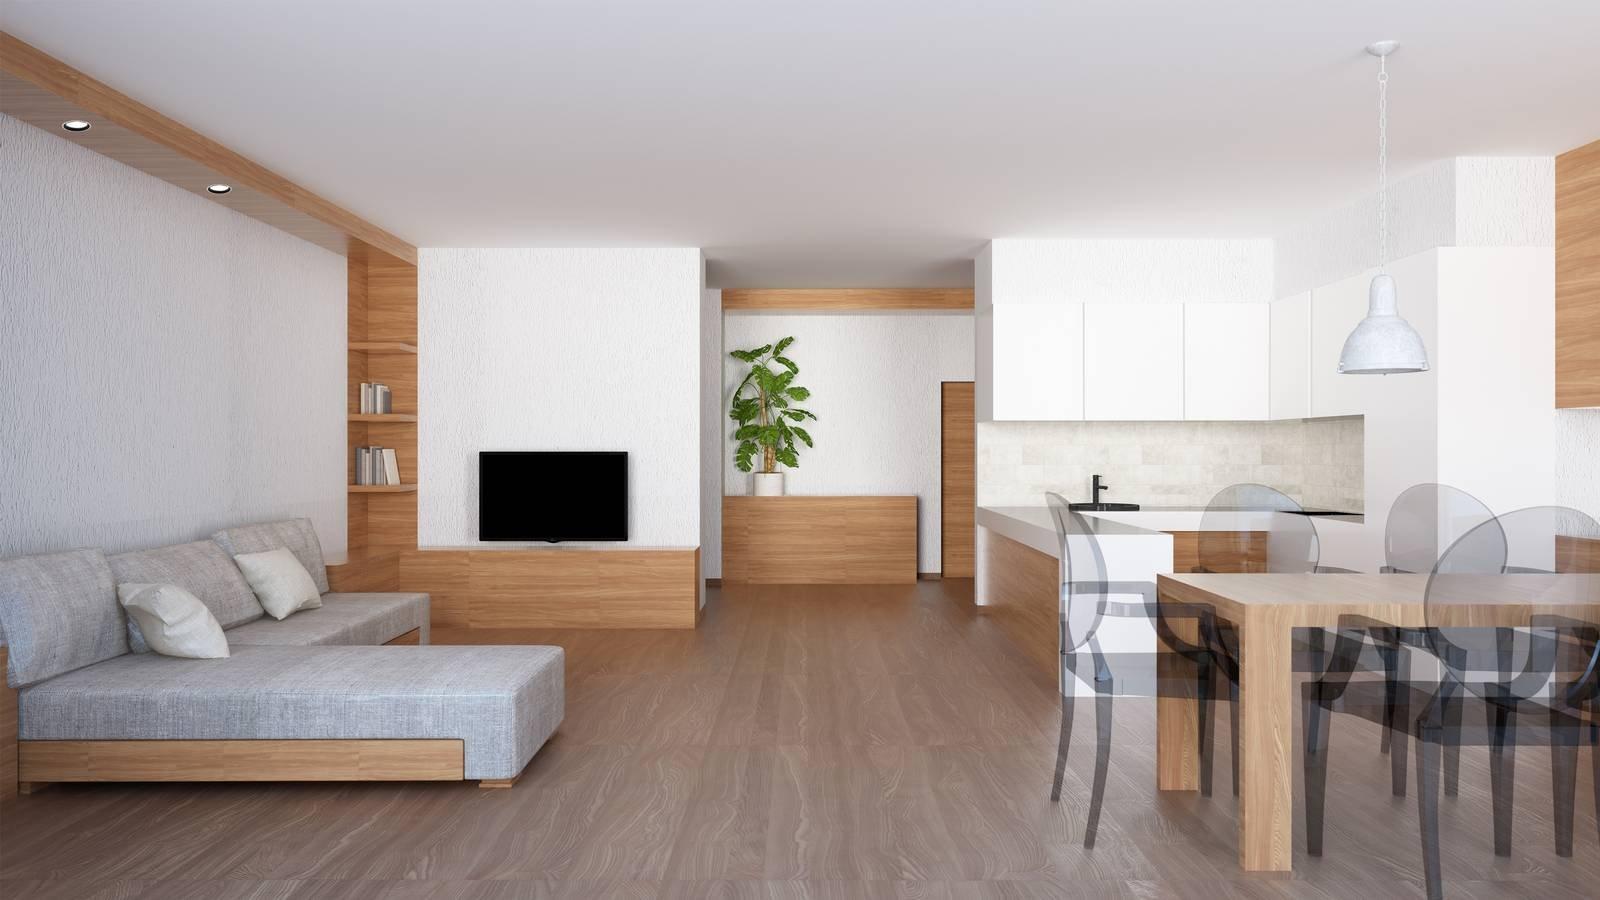 Zona giorno open space come ricavarla e come dividere for Lo space senza pareti